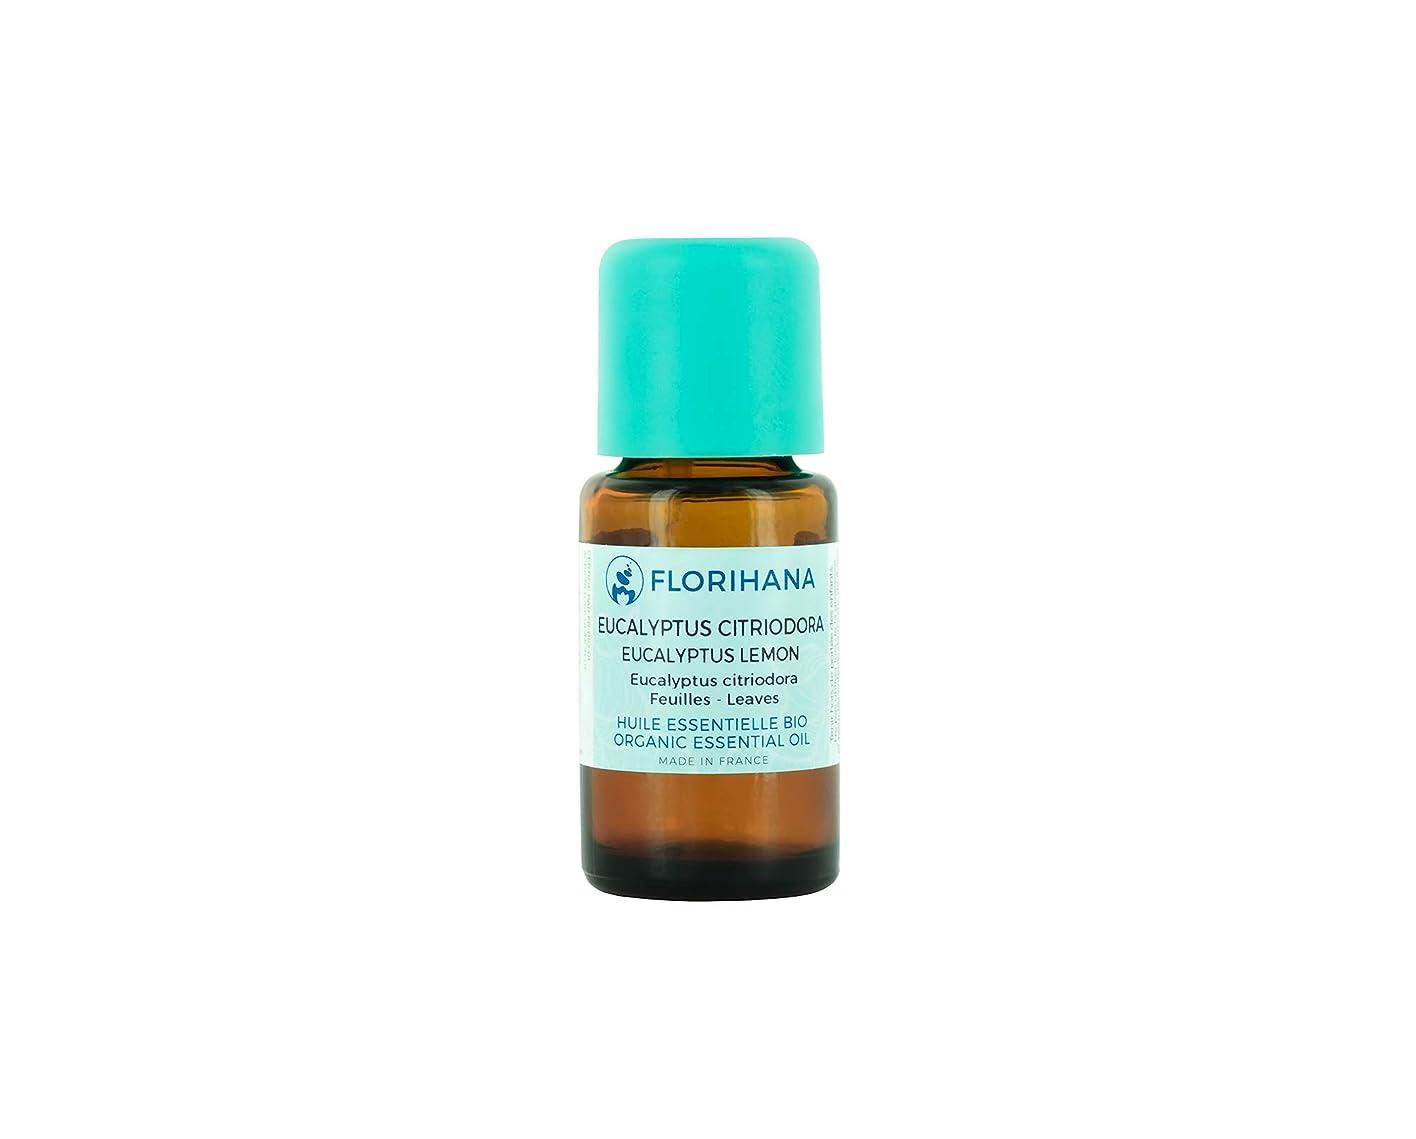 もろいもろいアテンダントオーガニック エッセンシャルオイル ユーカリレモン 5g(5.7ml)